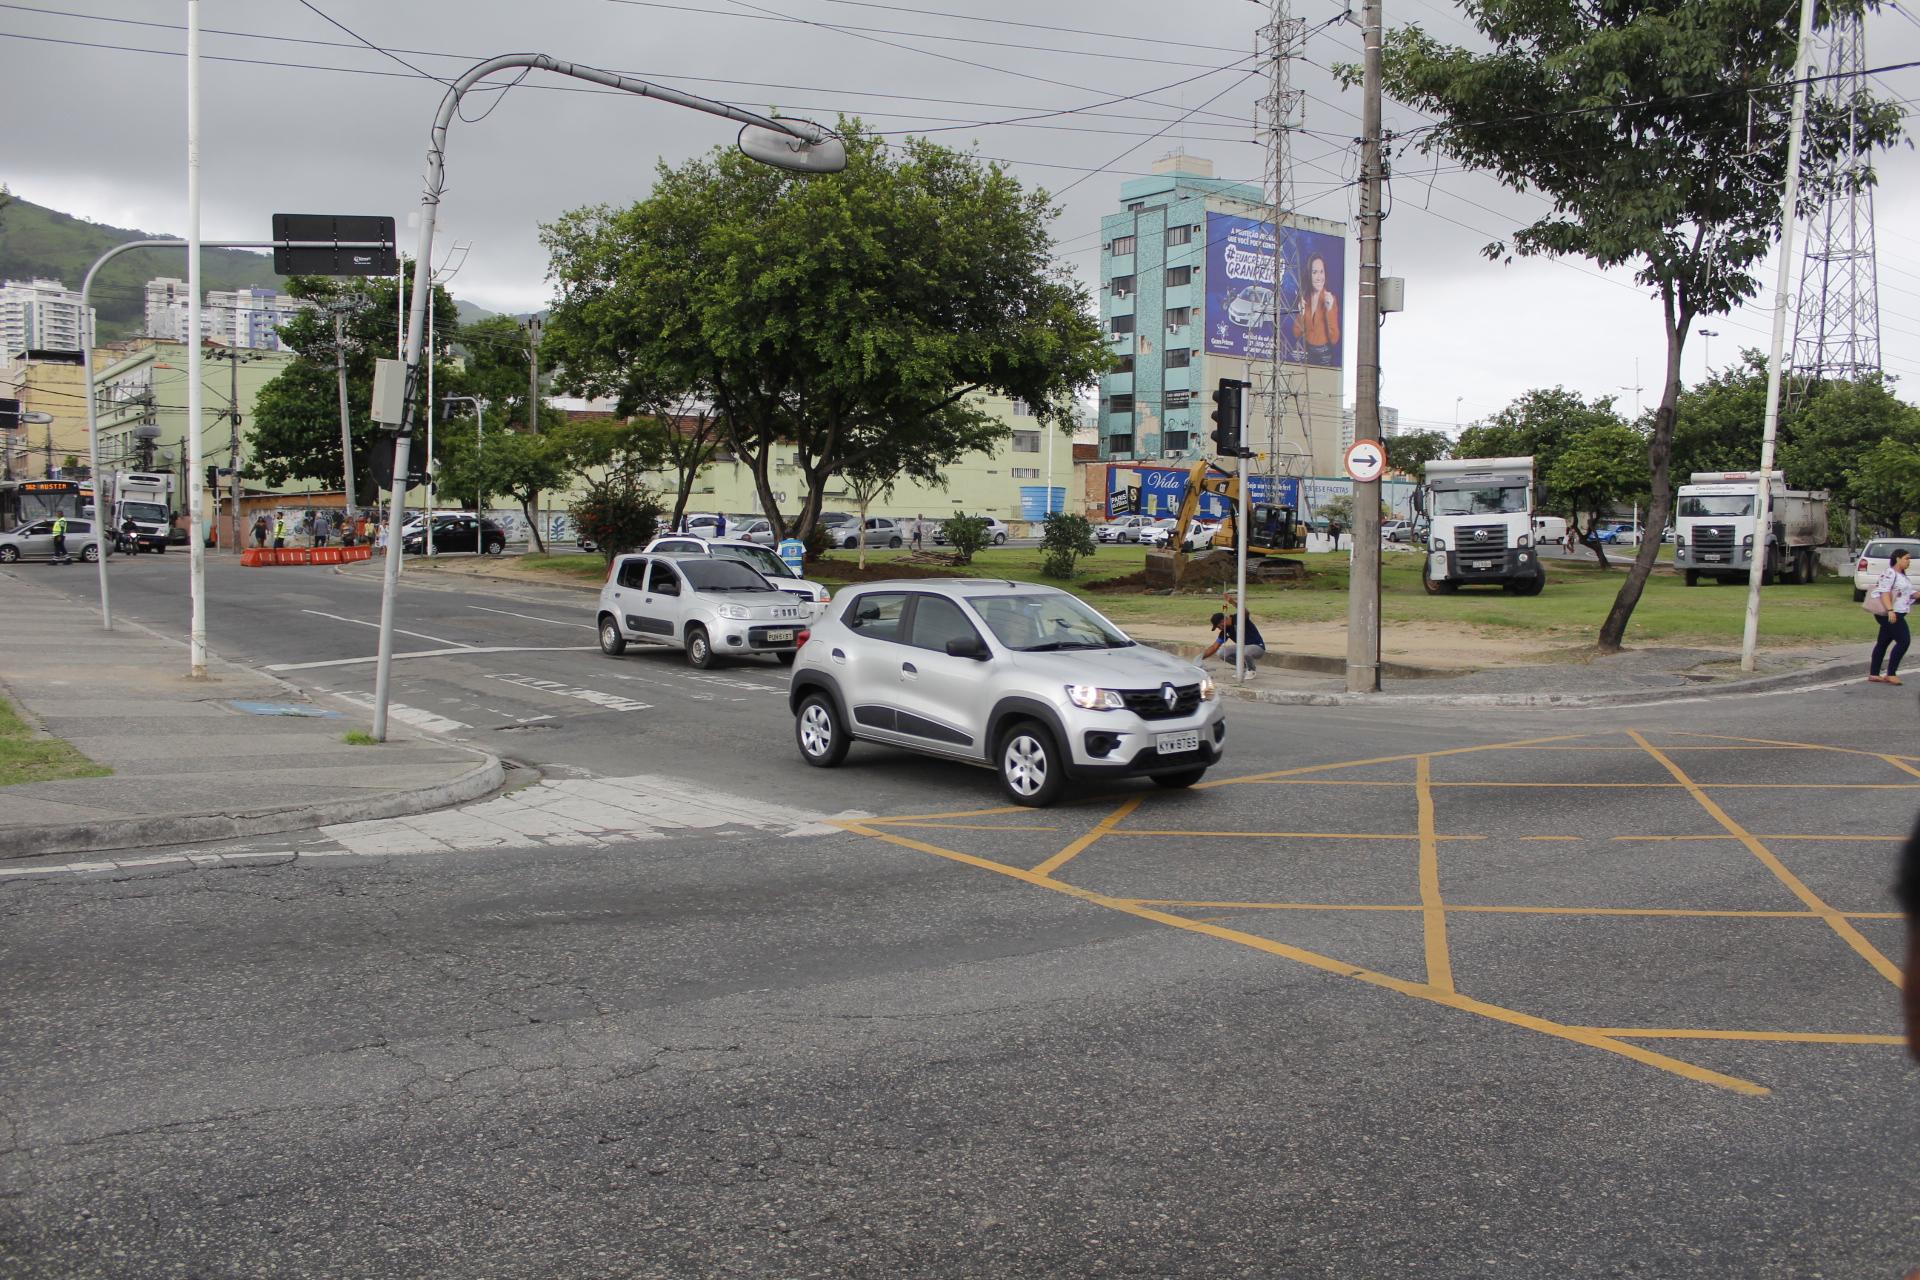 Mudança no trânsito da Via Light vai ajudar a diminuir engarrafamento no centro de Nova Iguaçu: obra estará pronta em fevereiro